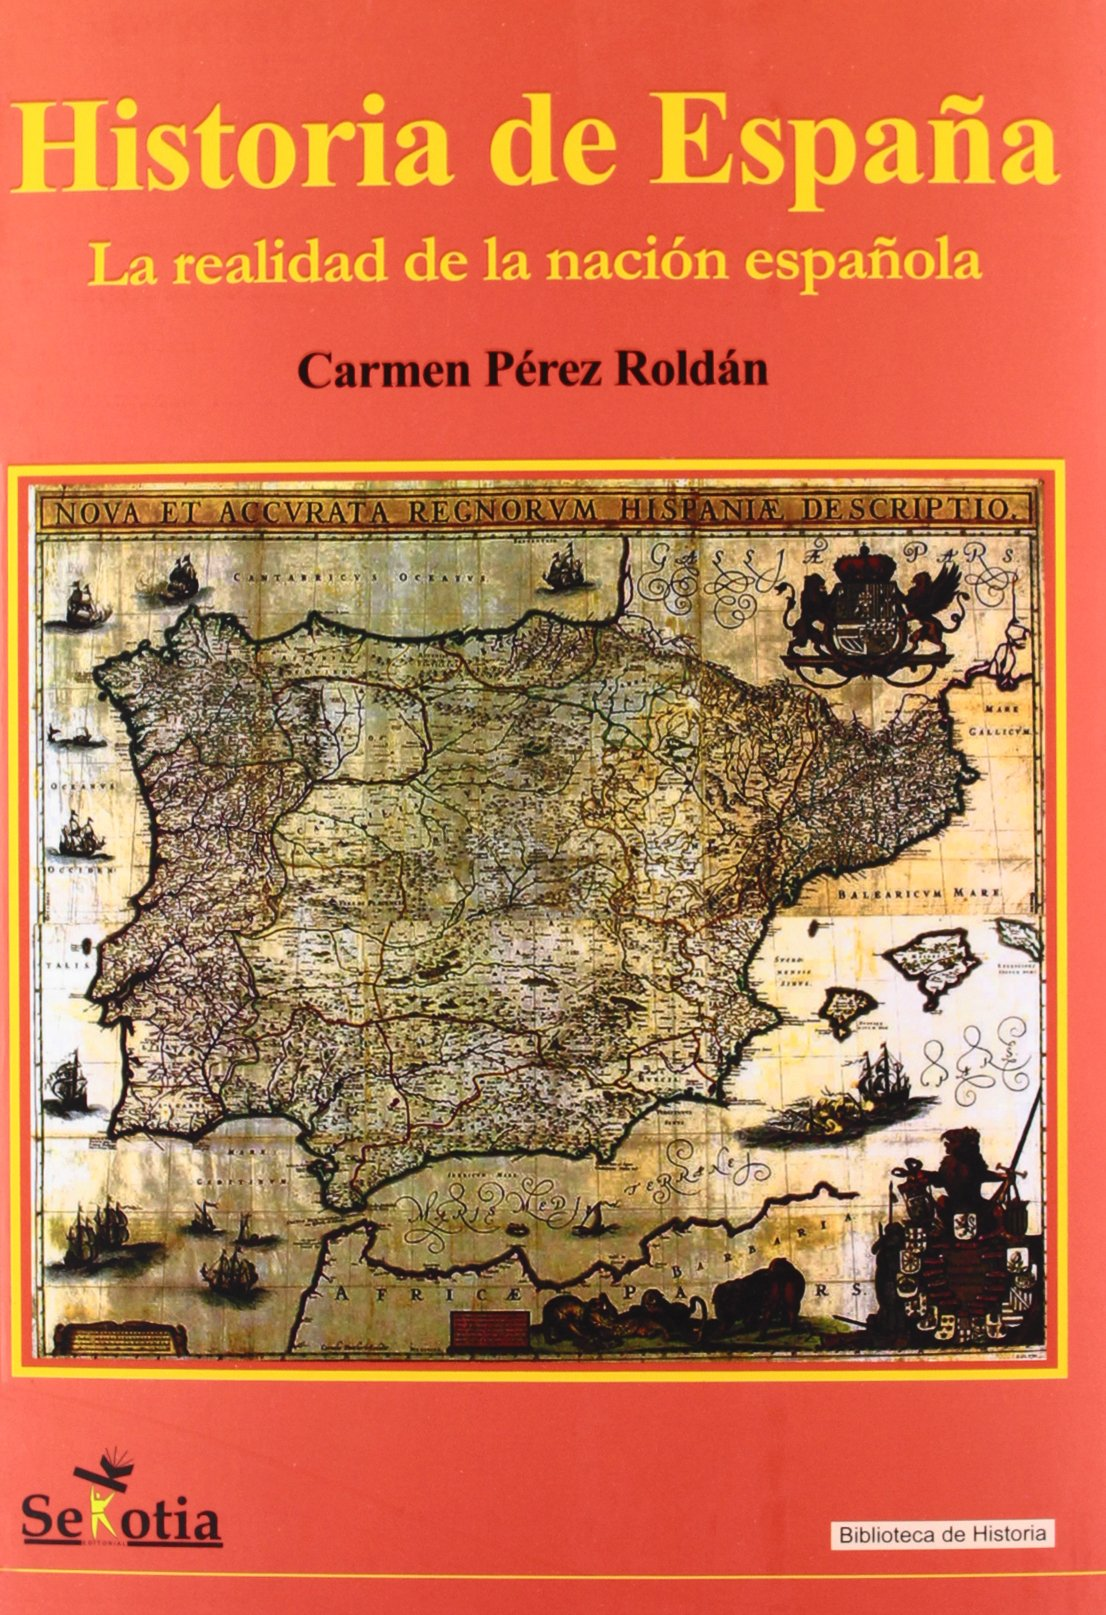 Historia de España: La realidad de la nación española (Biblioteca de Historia) Tapa blanda – 15 sep 2012 Carmen Pérez Roldán Sekotia S.L. 8496899888 European history